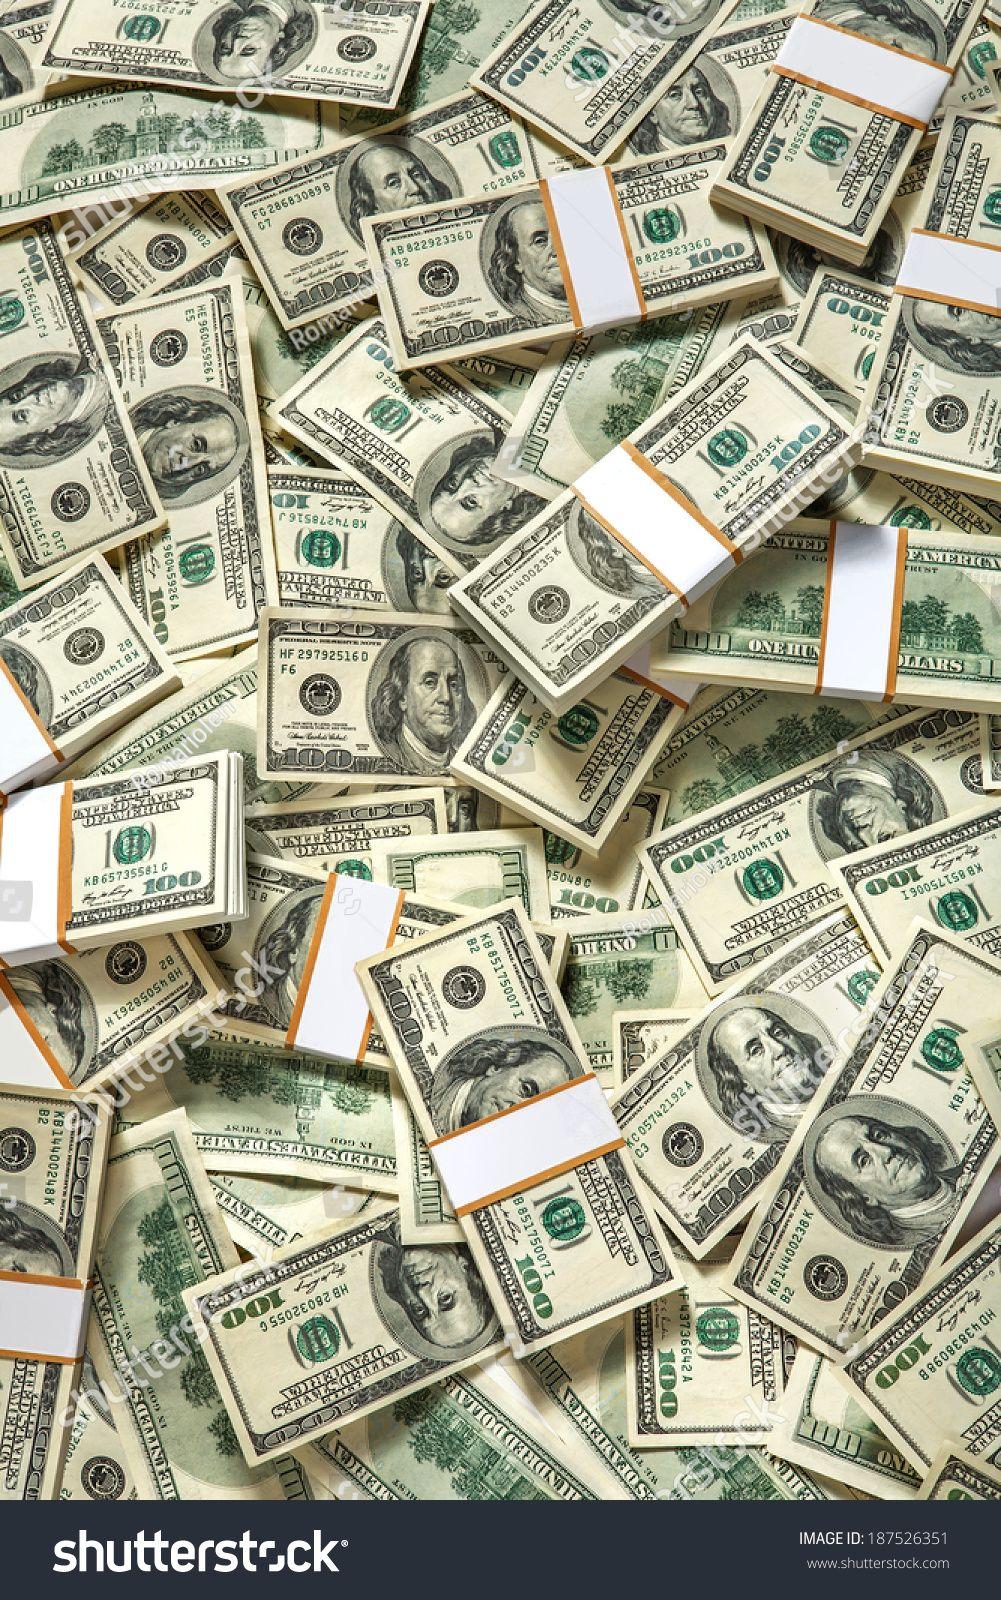 Pin By Latoya On Money Dollar Money Money Stacks Money